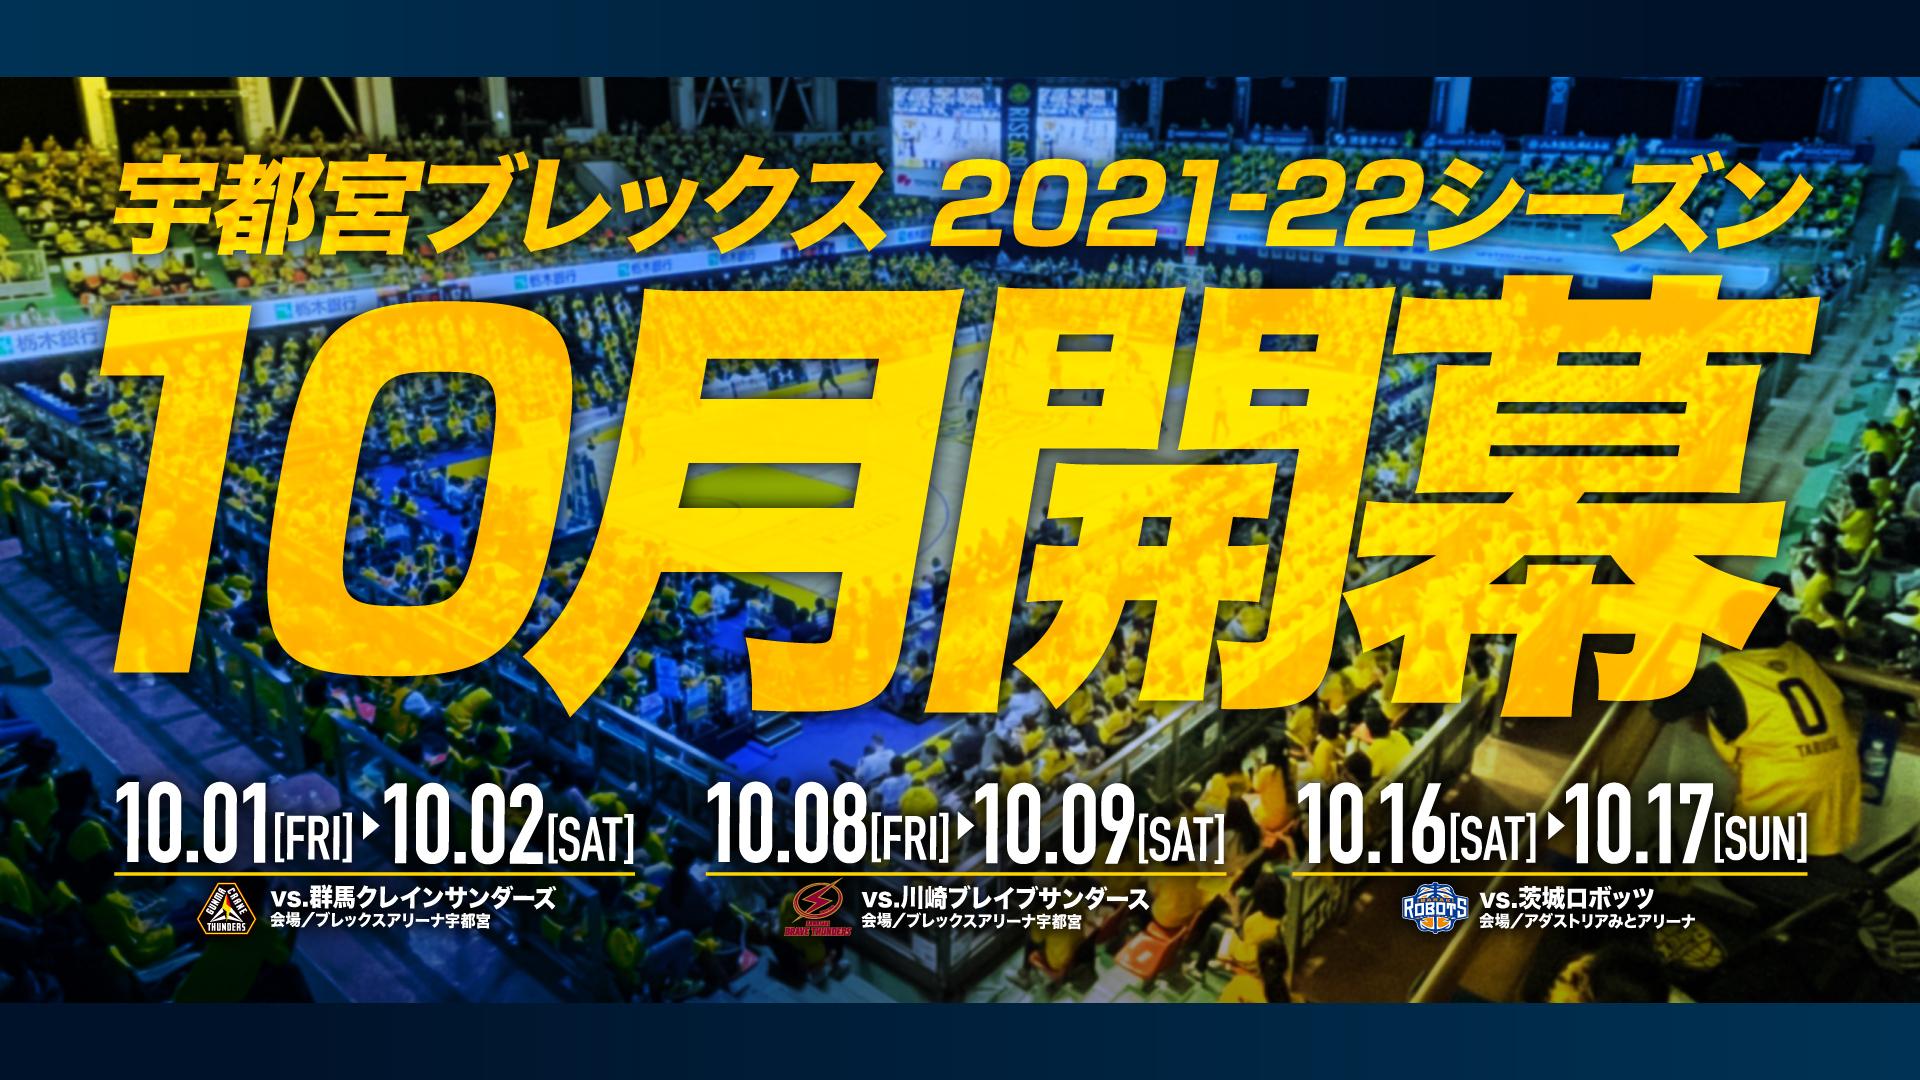 2021-22 開幕3節 KV